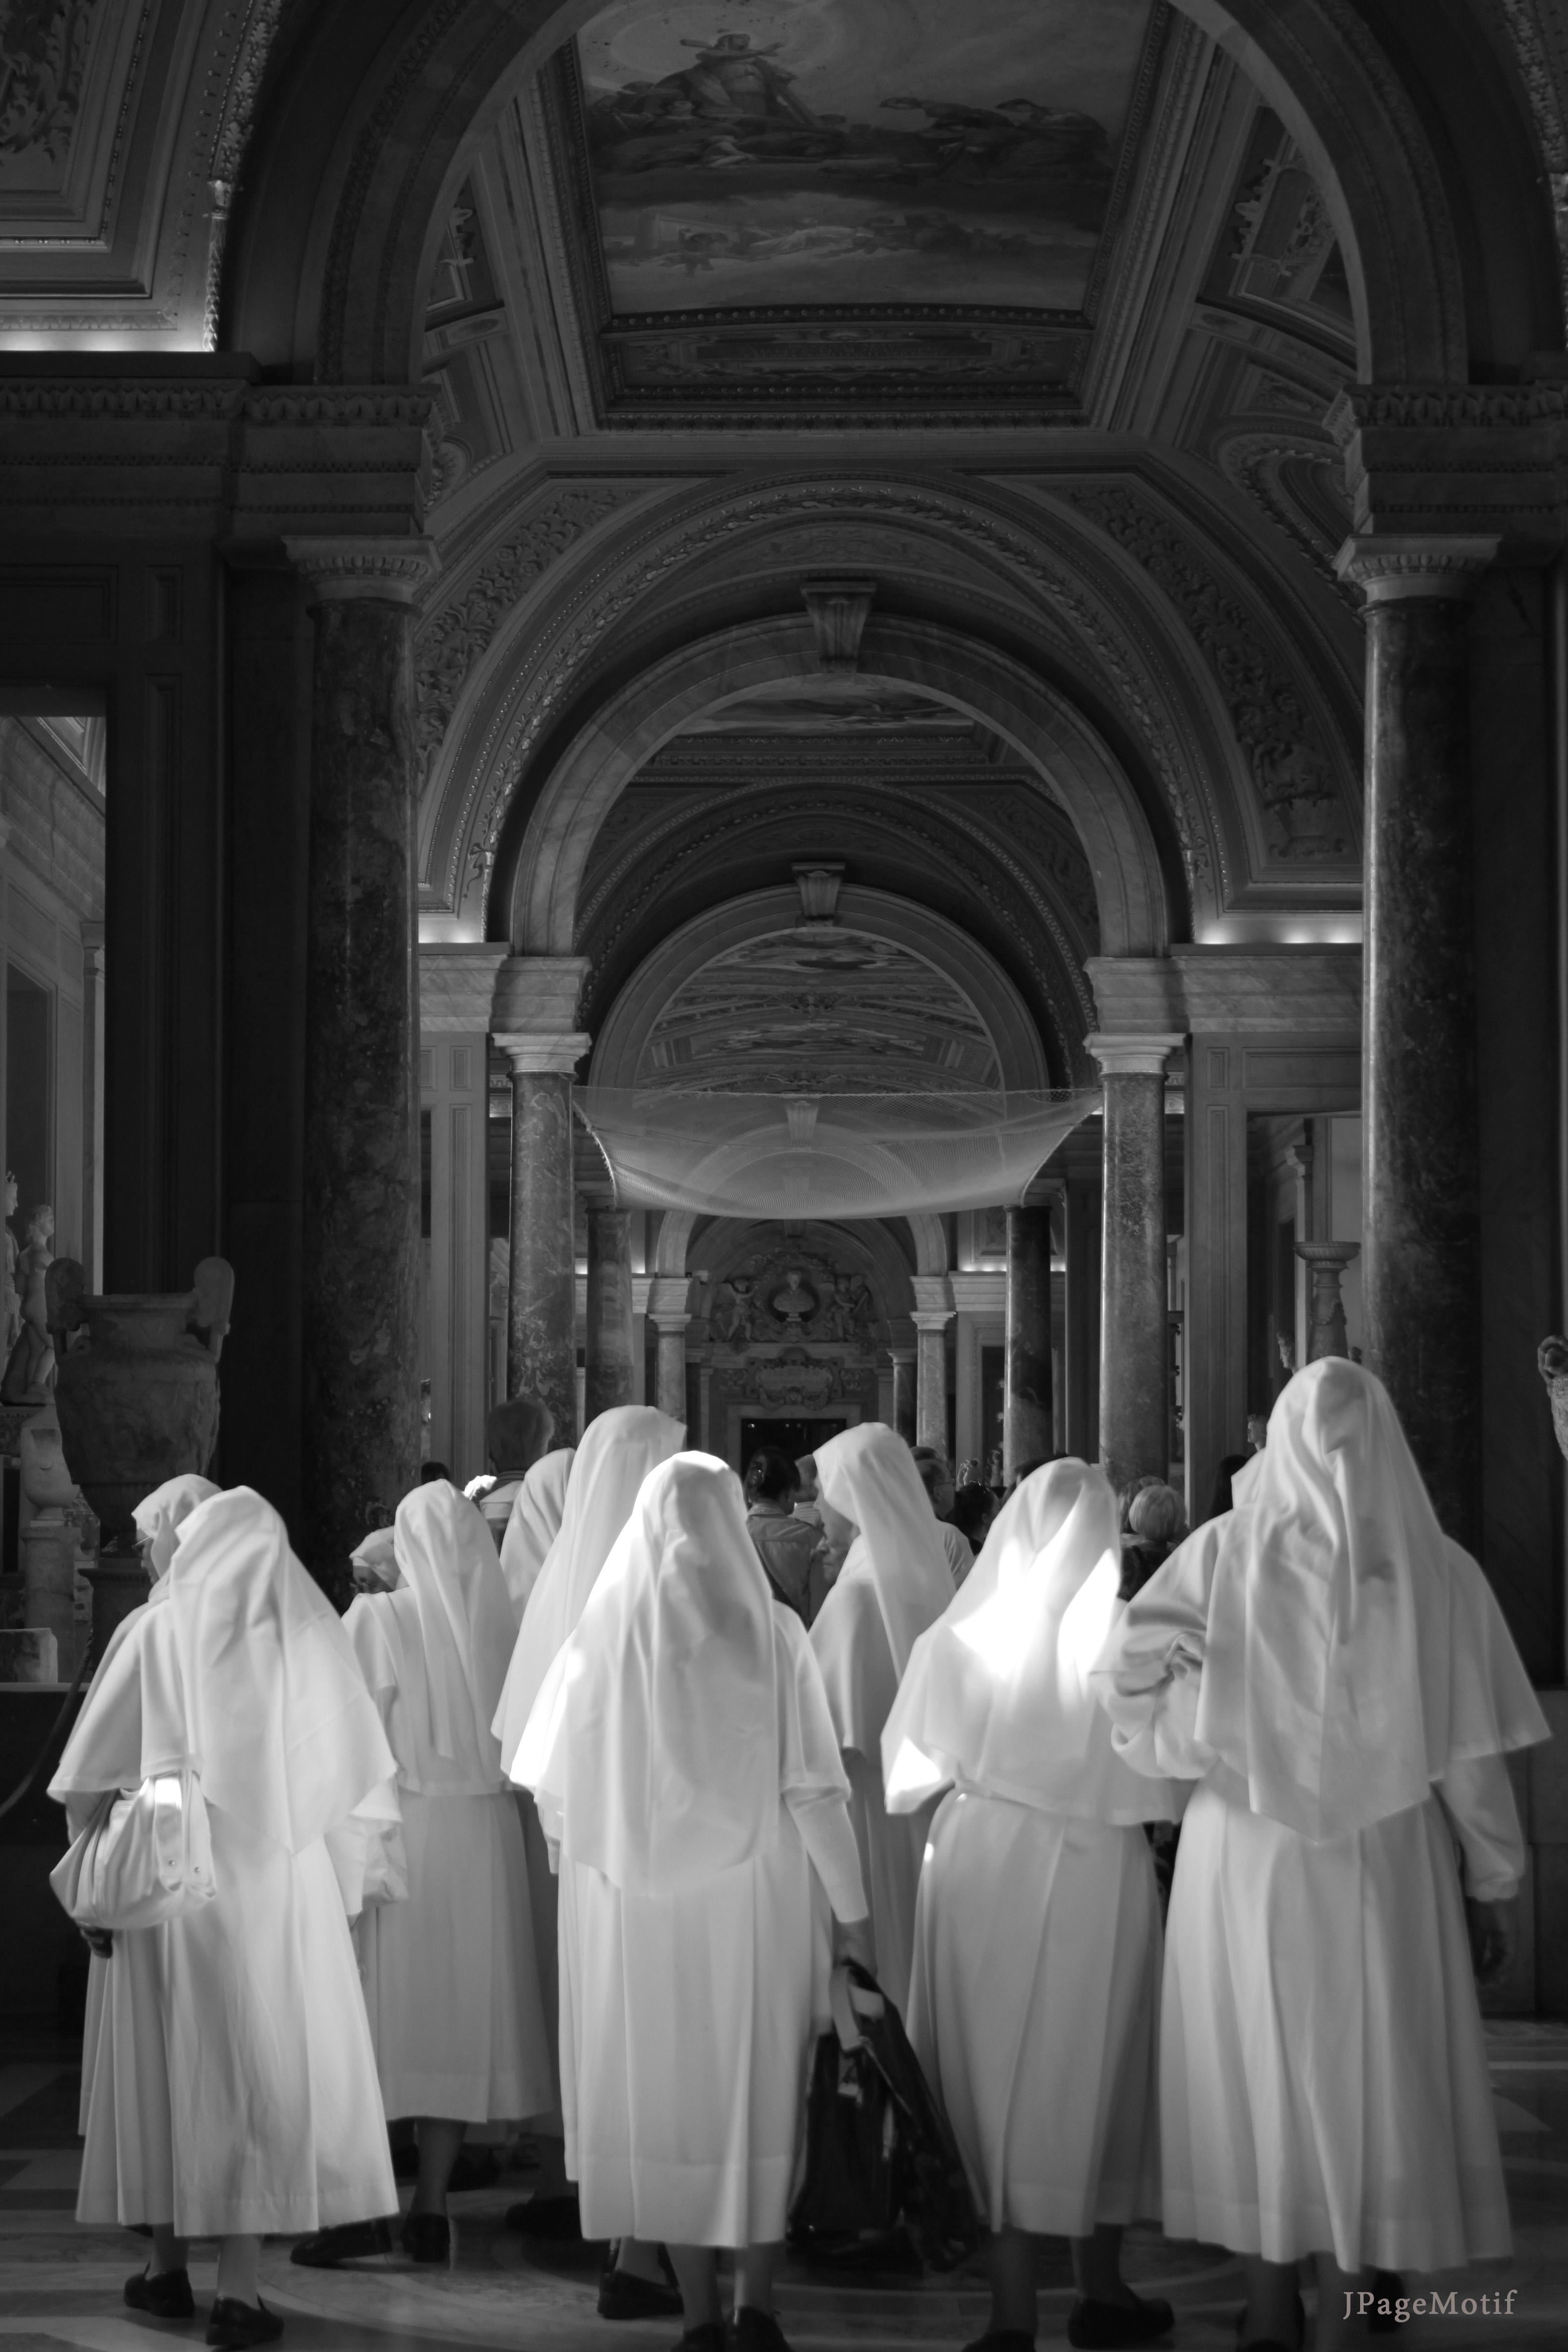 Ethereal Nuns